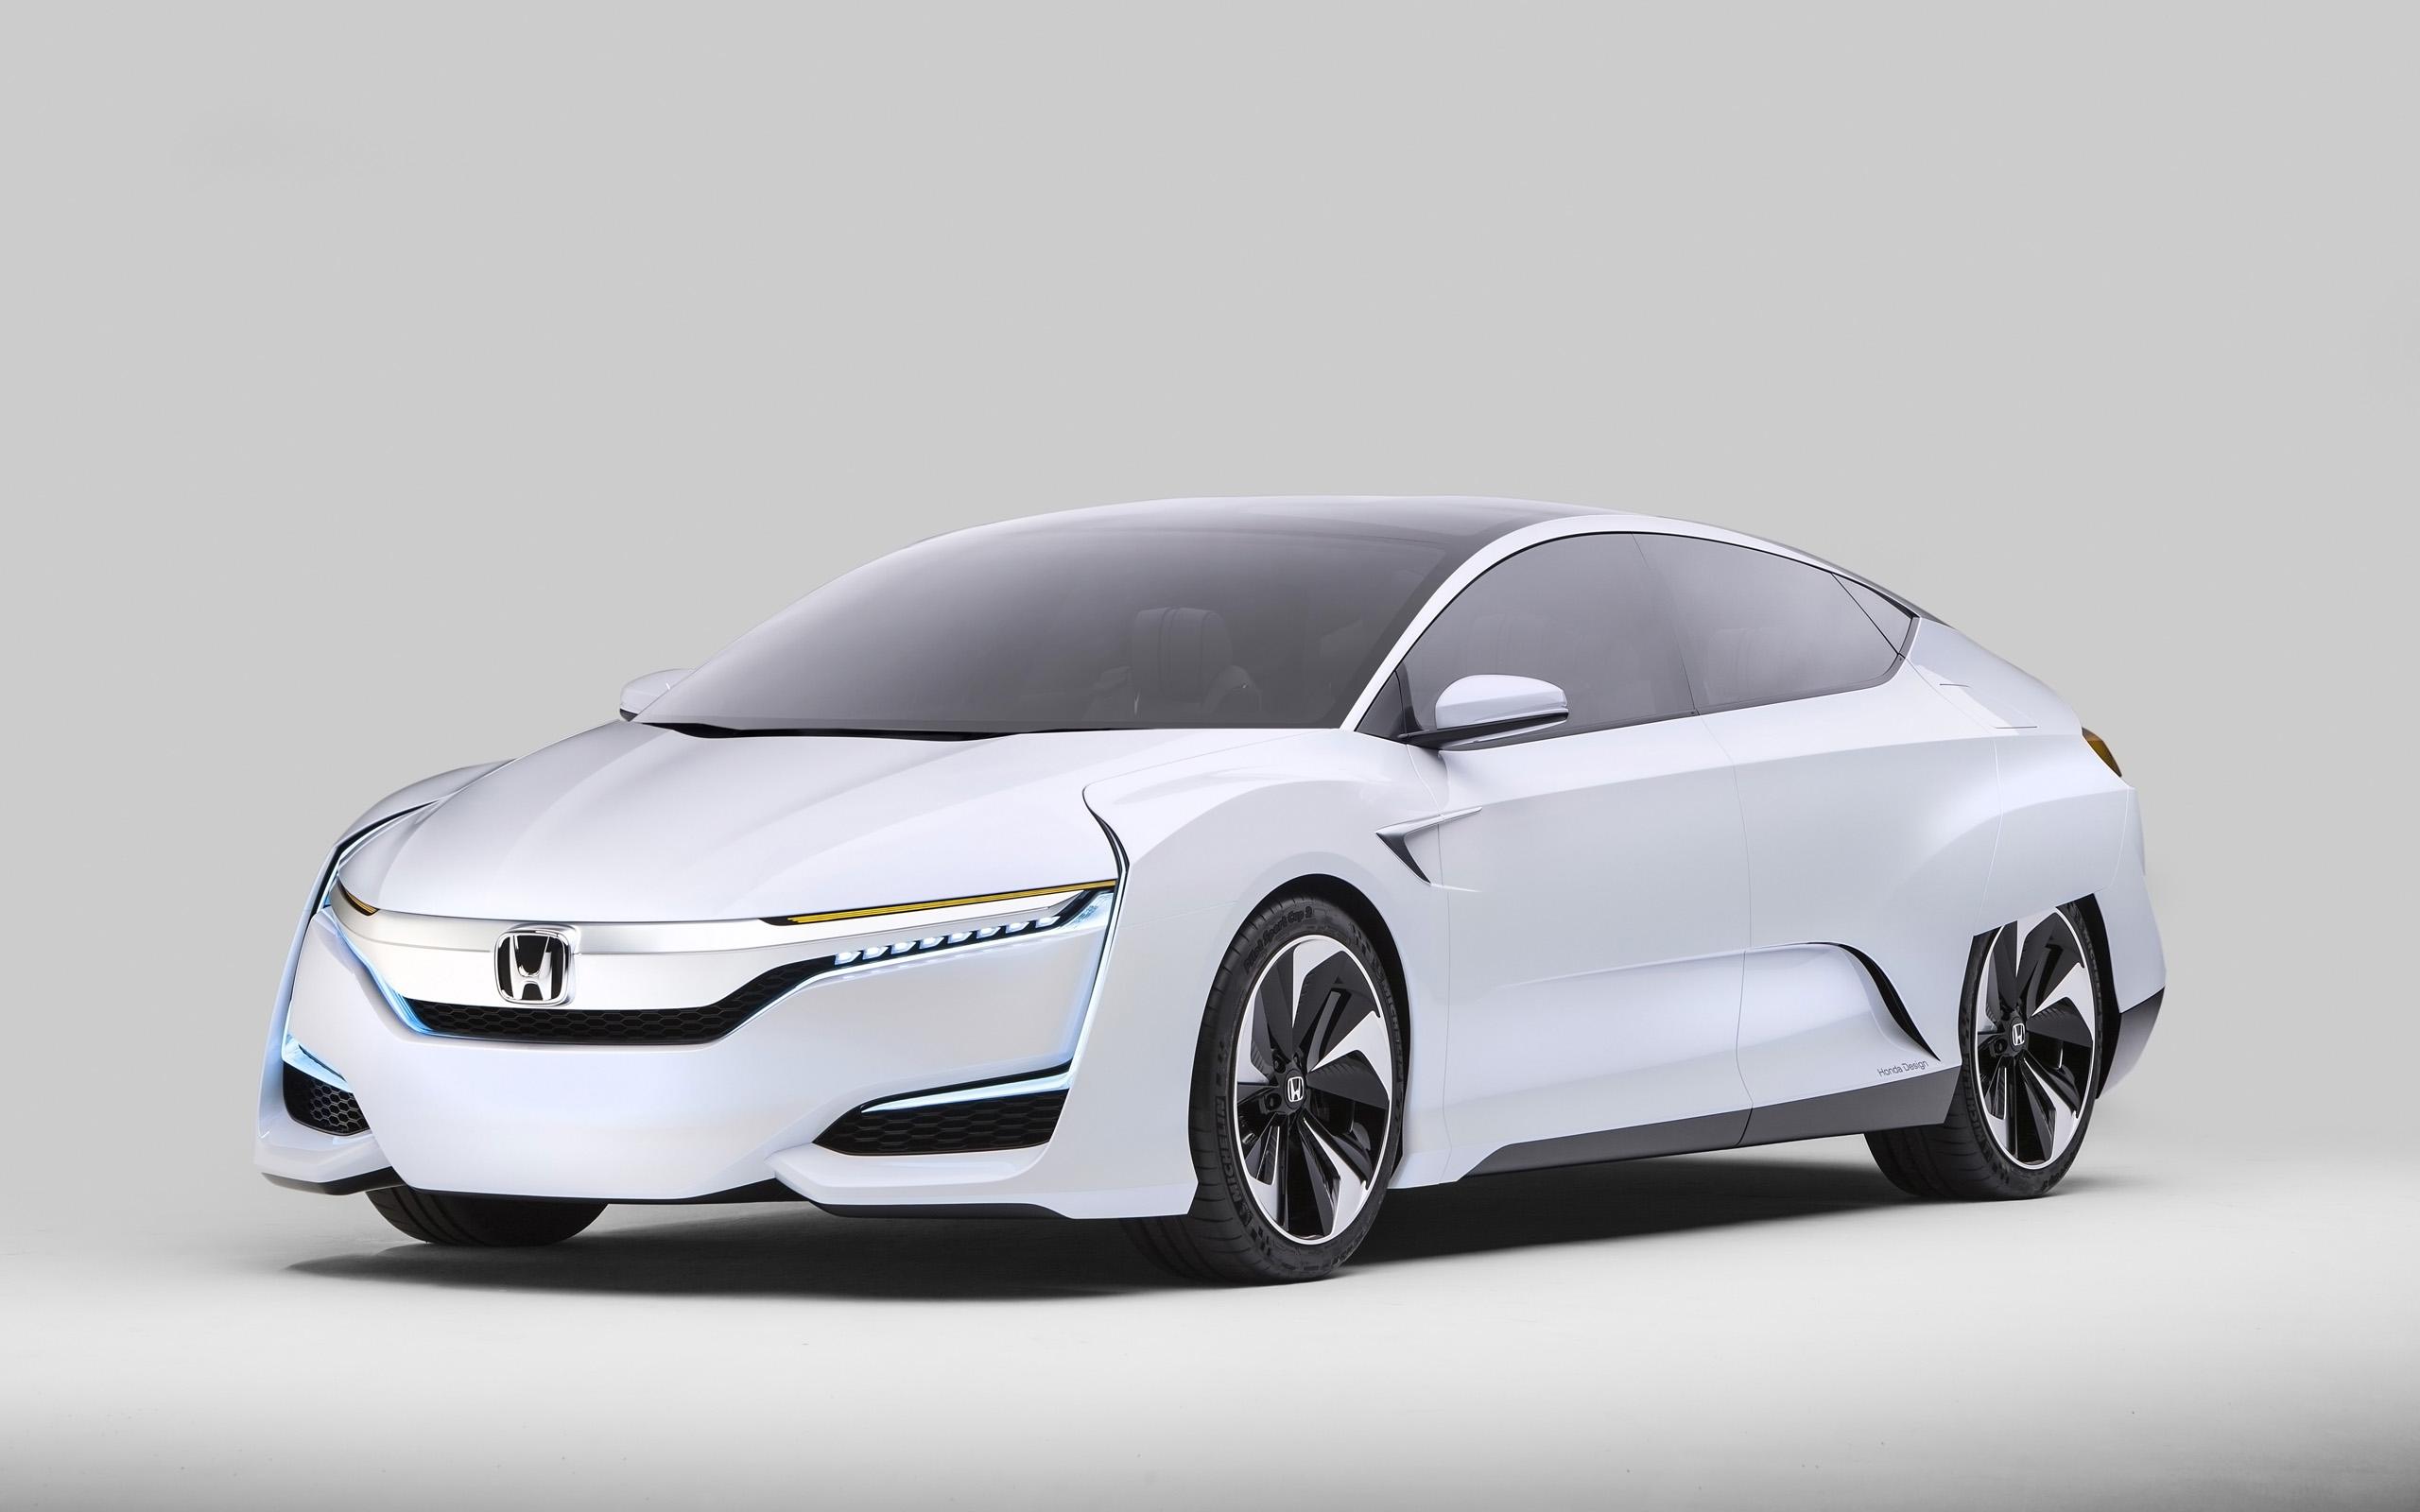 2014 honda fcv concept wallpaper hd car wallpapers id for Future honda cars